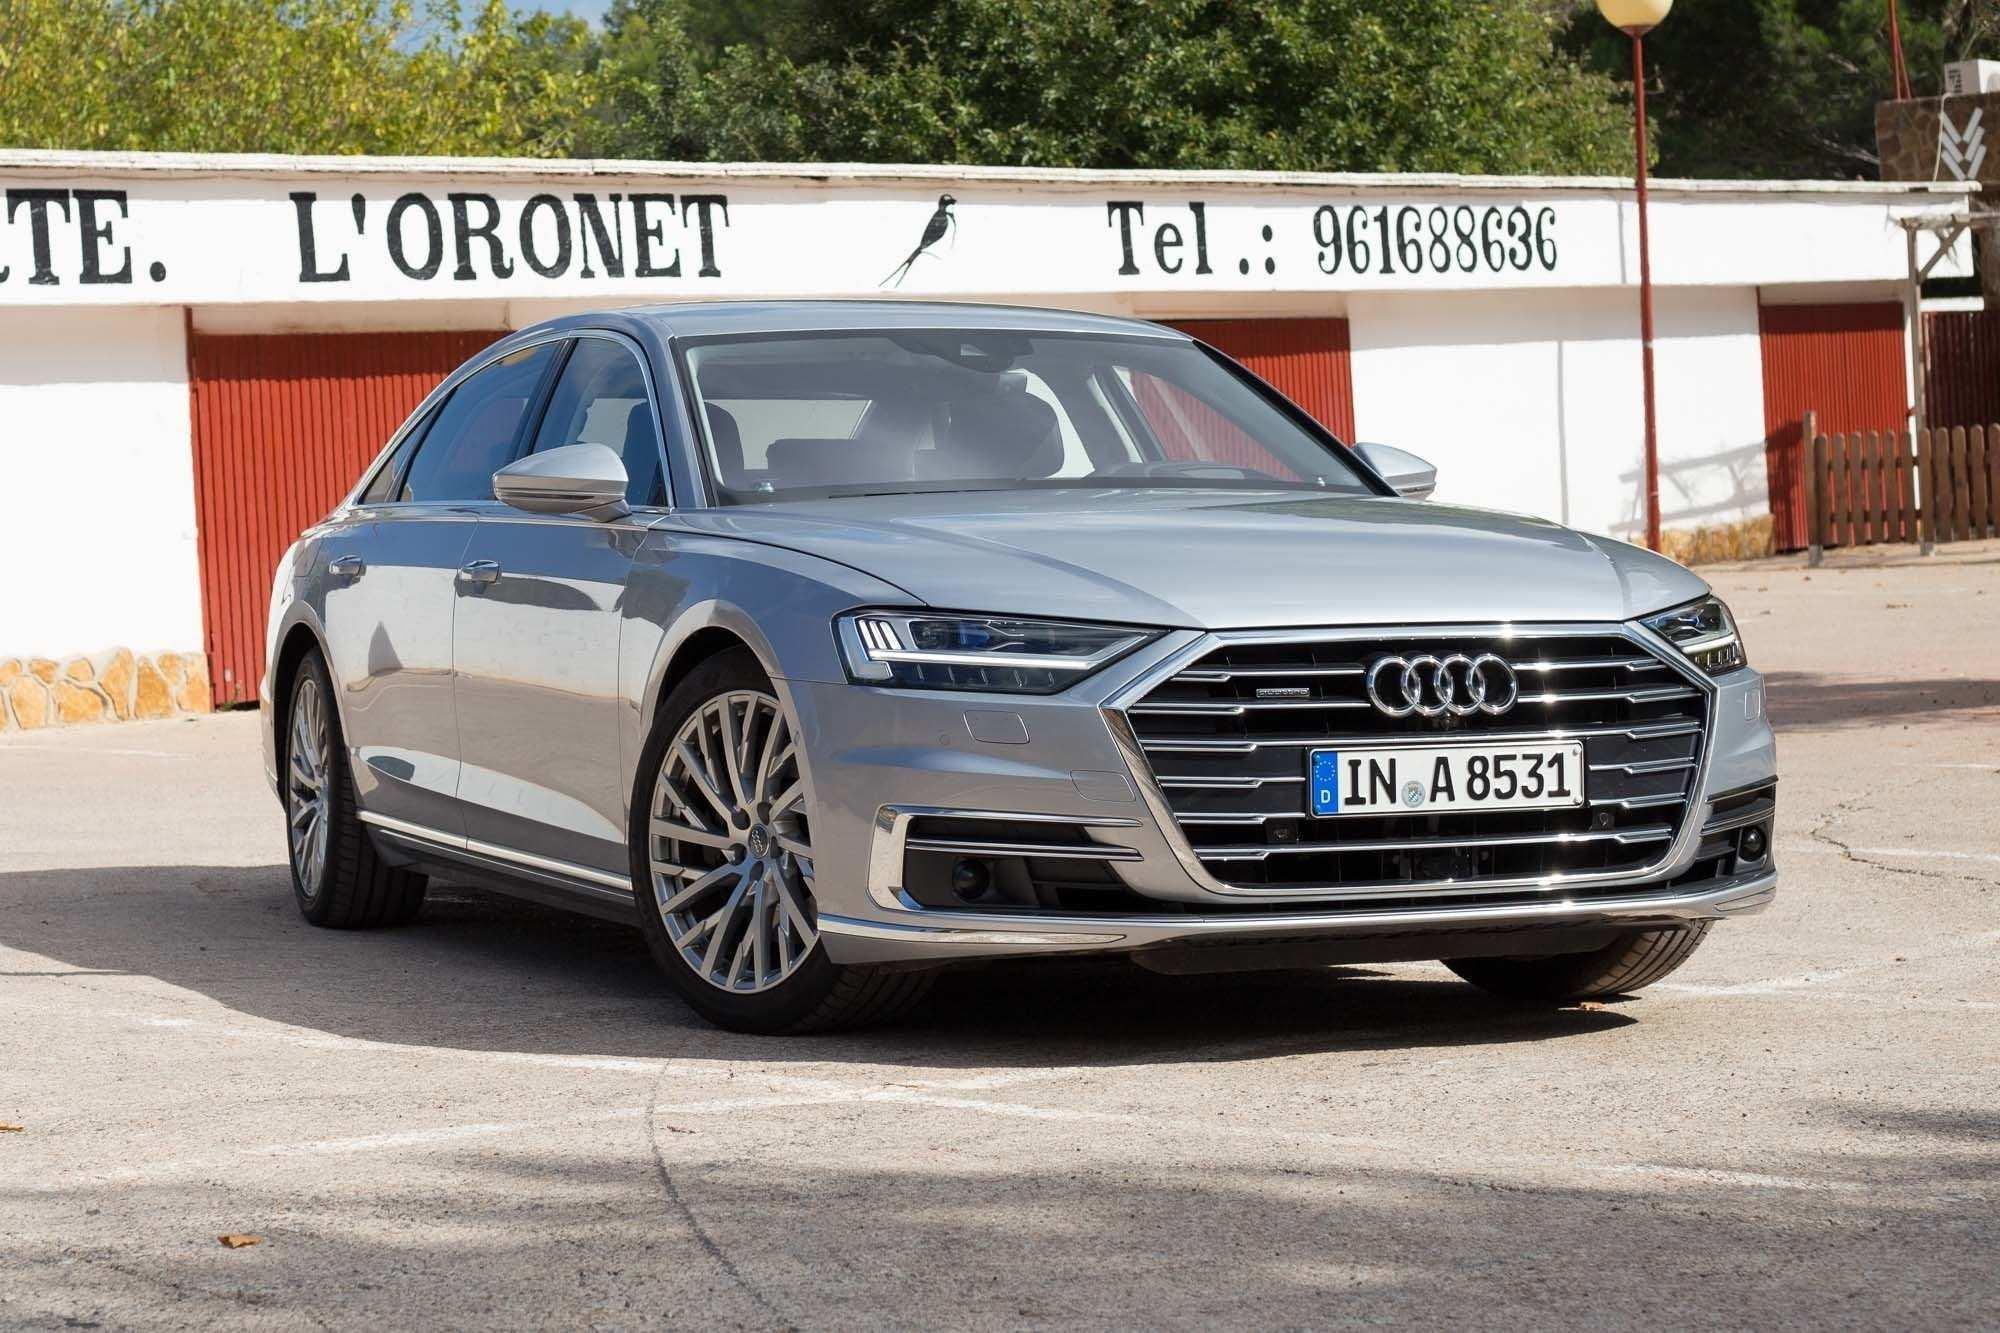 66 New 2020 Audi A8 2020 History by 2020 Audi A8 2020